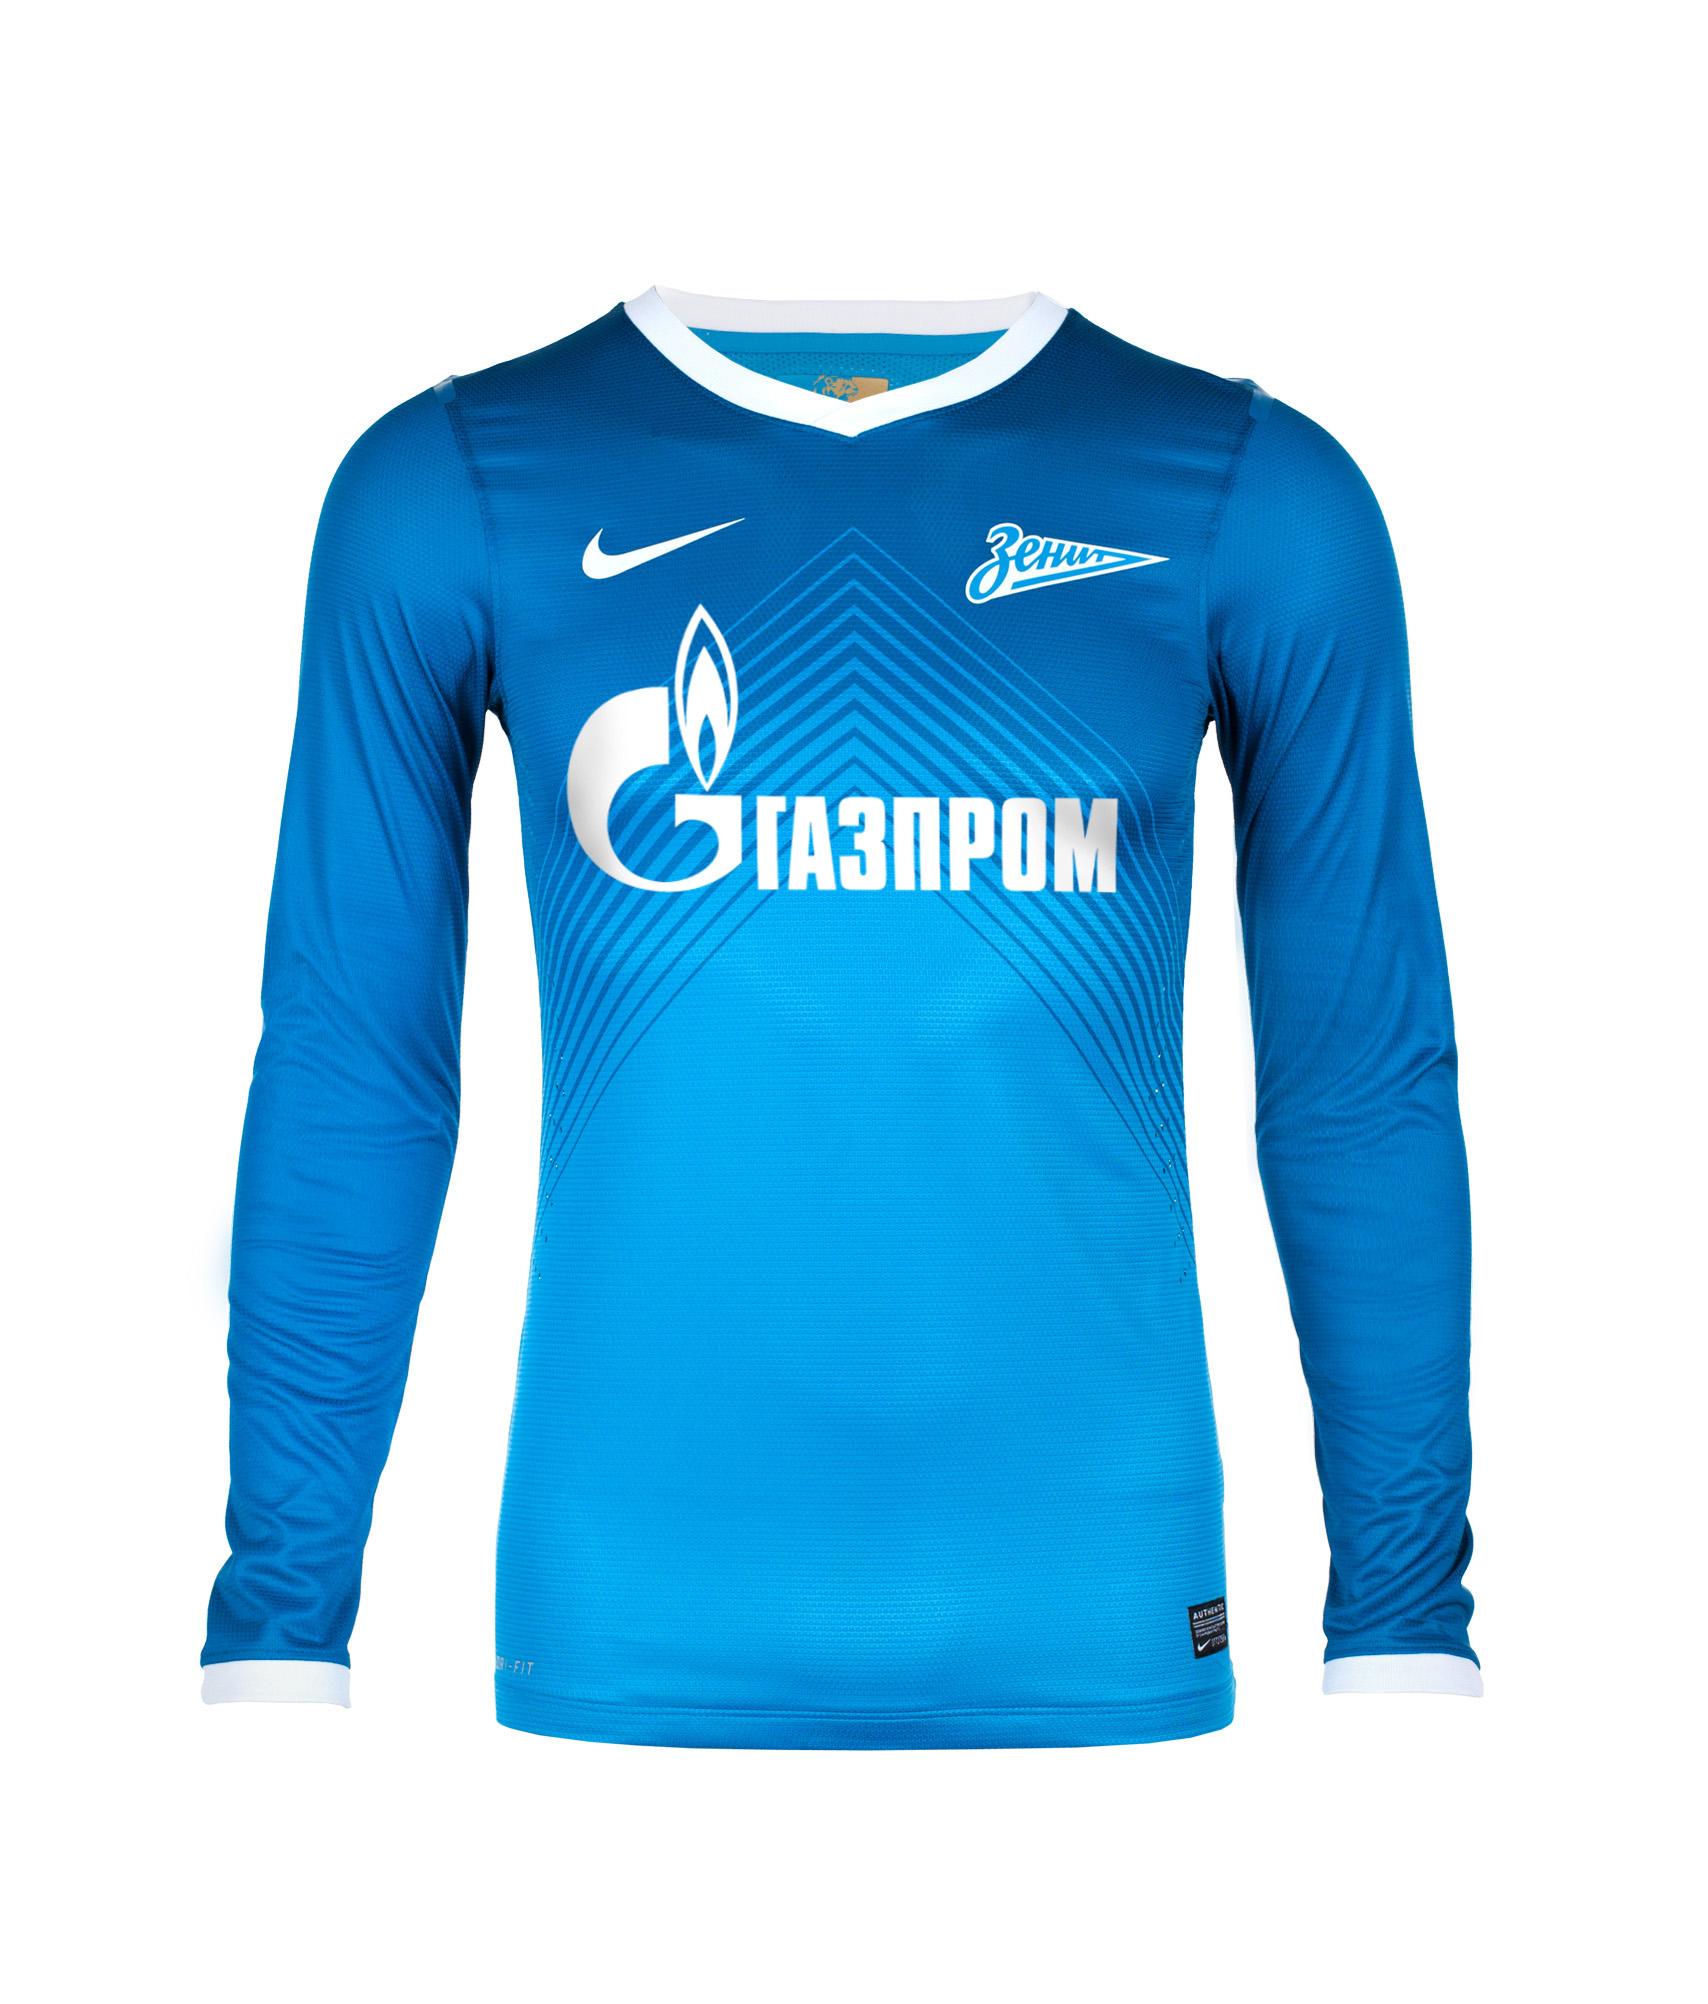 Оригинальная домашняя футболка с длинным рукавом, Цвет-Синий, Размер-S